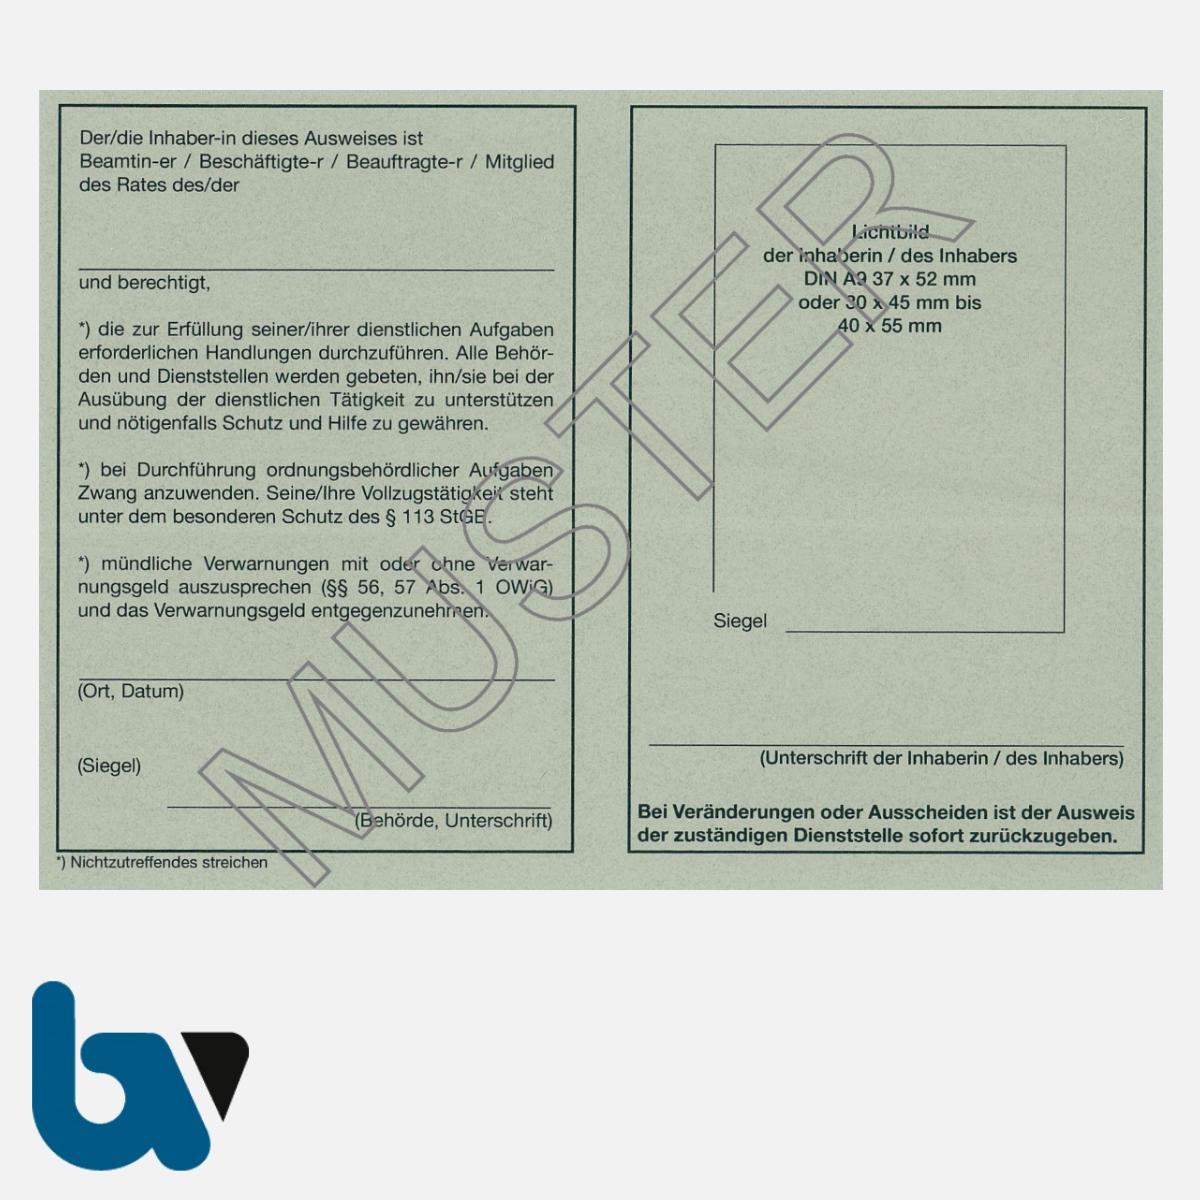 0/481-A Dienstausweis Allgemein neutral grau Strafgesetzbuch StGB Ordnungswidrigkeit Neobond DIN A6-A7 RS | Borgard Verlag GmbH